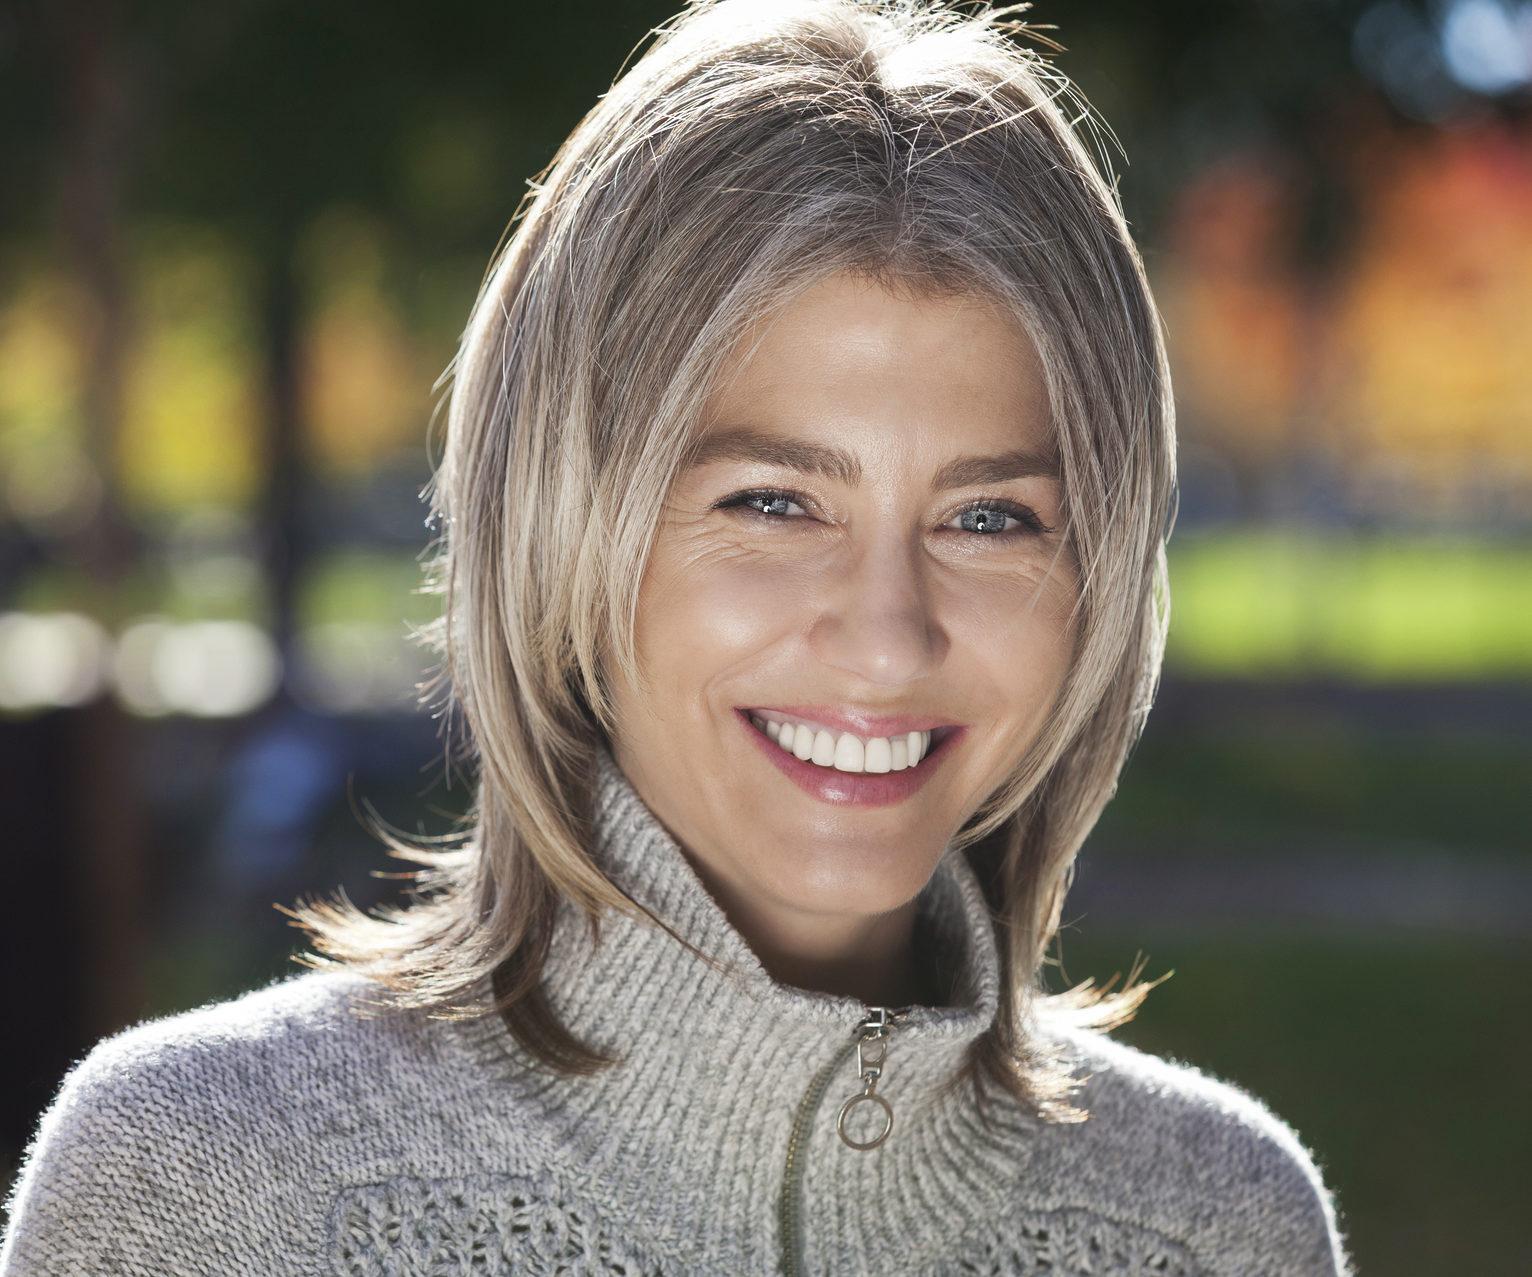 Graue Haare Natürlich Färben: Mit Diesen Tricks Gelingt's mit Haare Färben Wie Das Grau Verschwindet